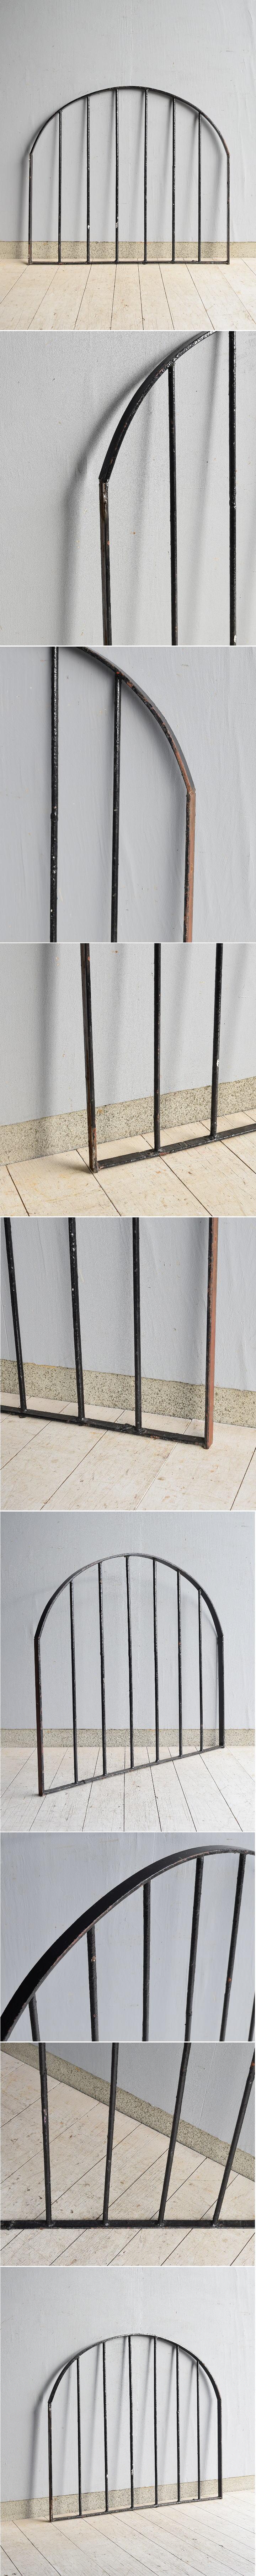 イギリス アンティーク アイアンフェンス ゲート柵 ガーデニング 7688